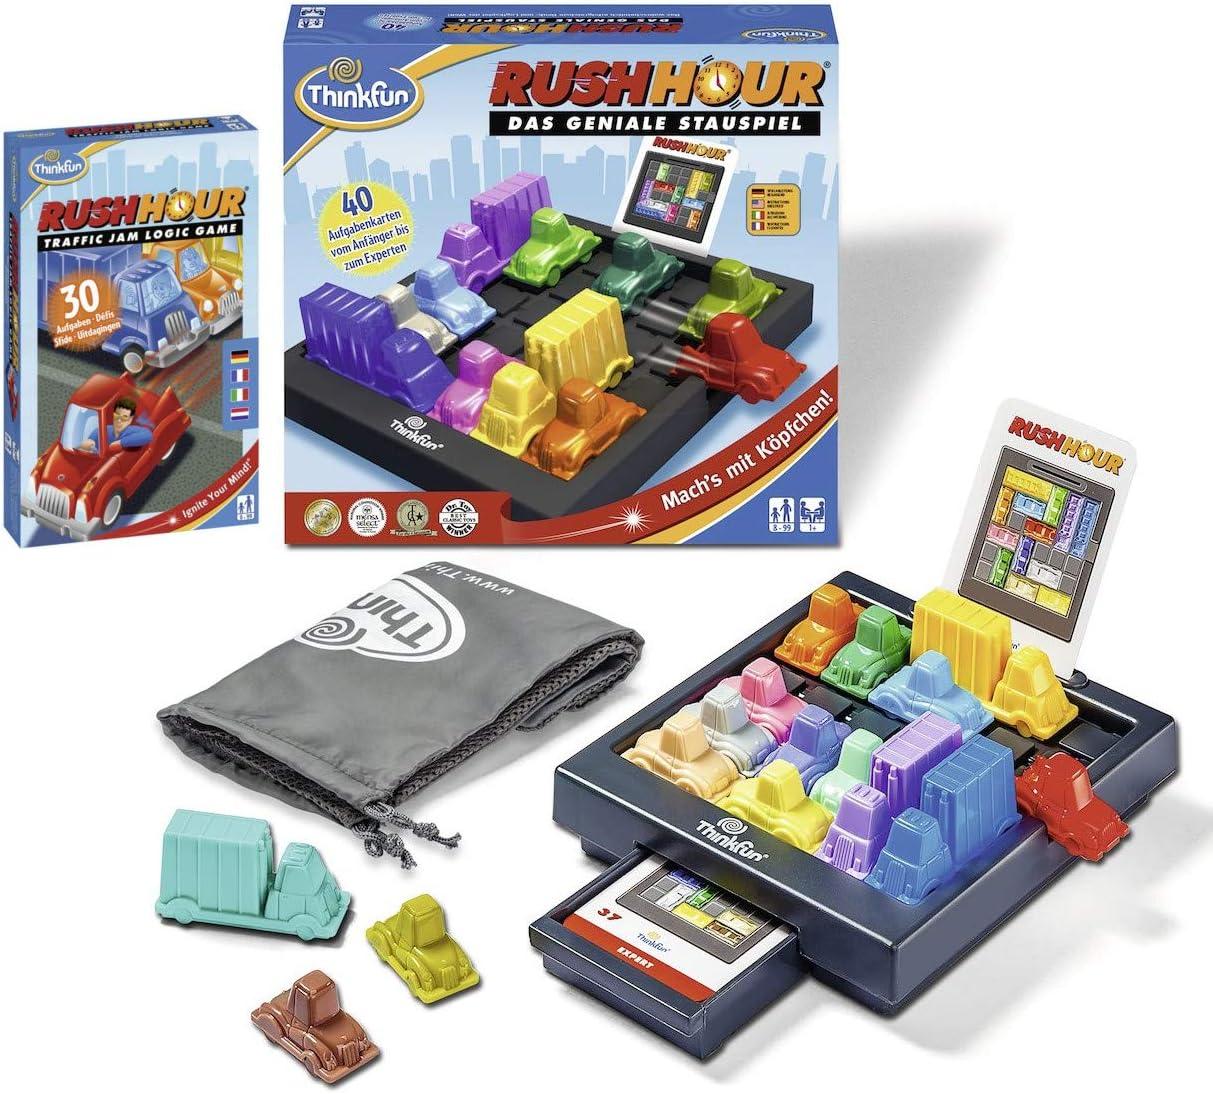 Ravensburger 76301 ThinkFun Rush Hour - Juego de mesa y juego de mesa (incluye juego de mesa Rush Hour): Amazon.es: Juguetes y juegos